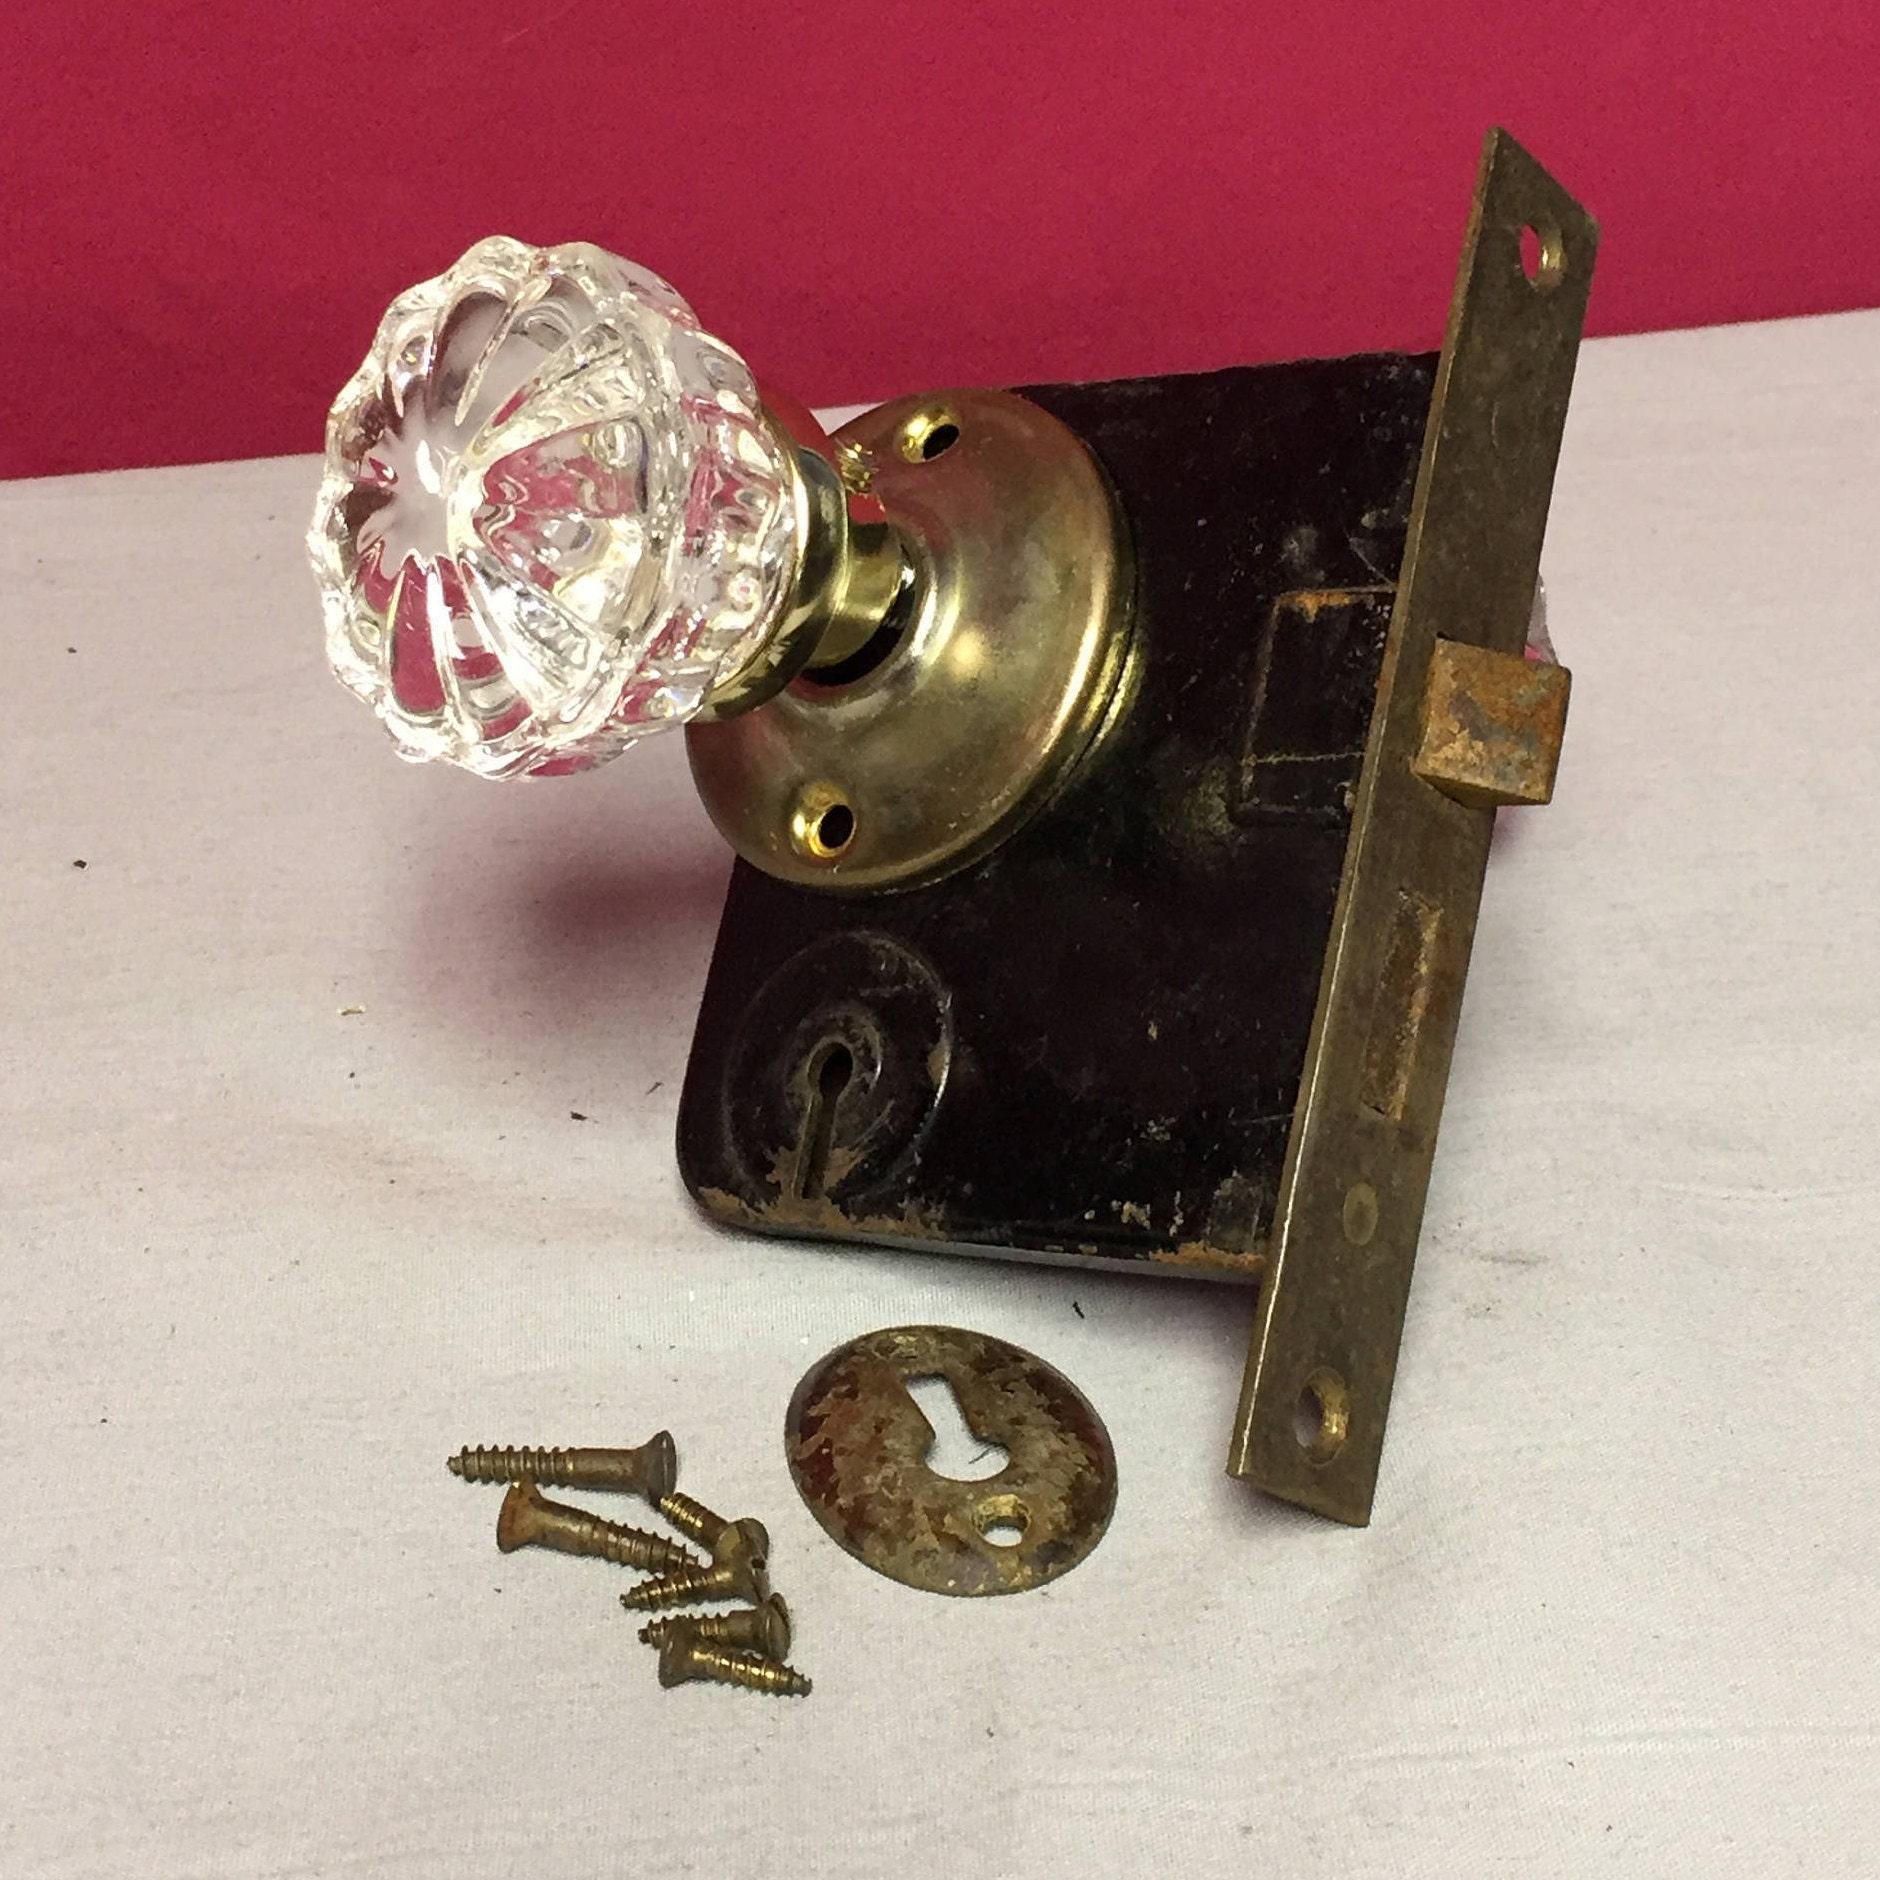 antique doorknob pin knobs door knob hardware decor round handle old glass house doors